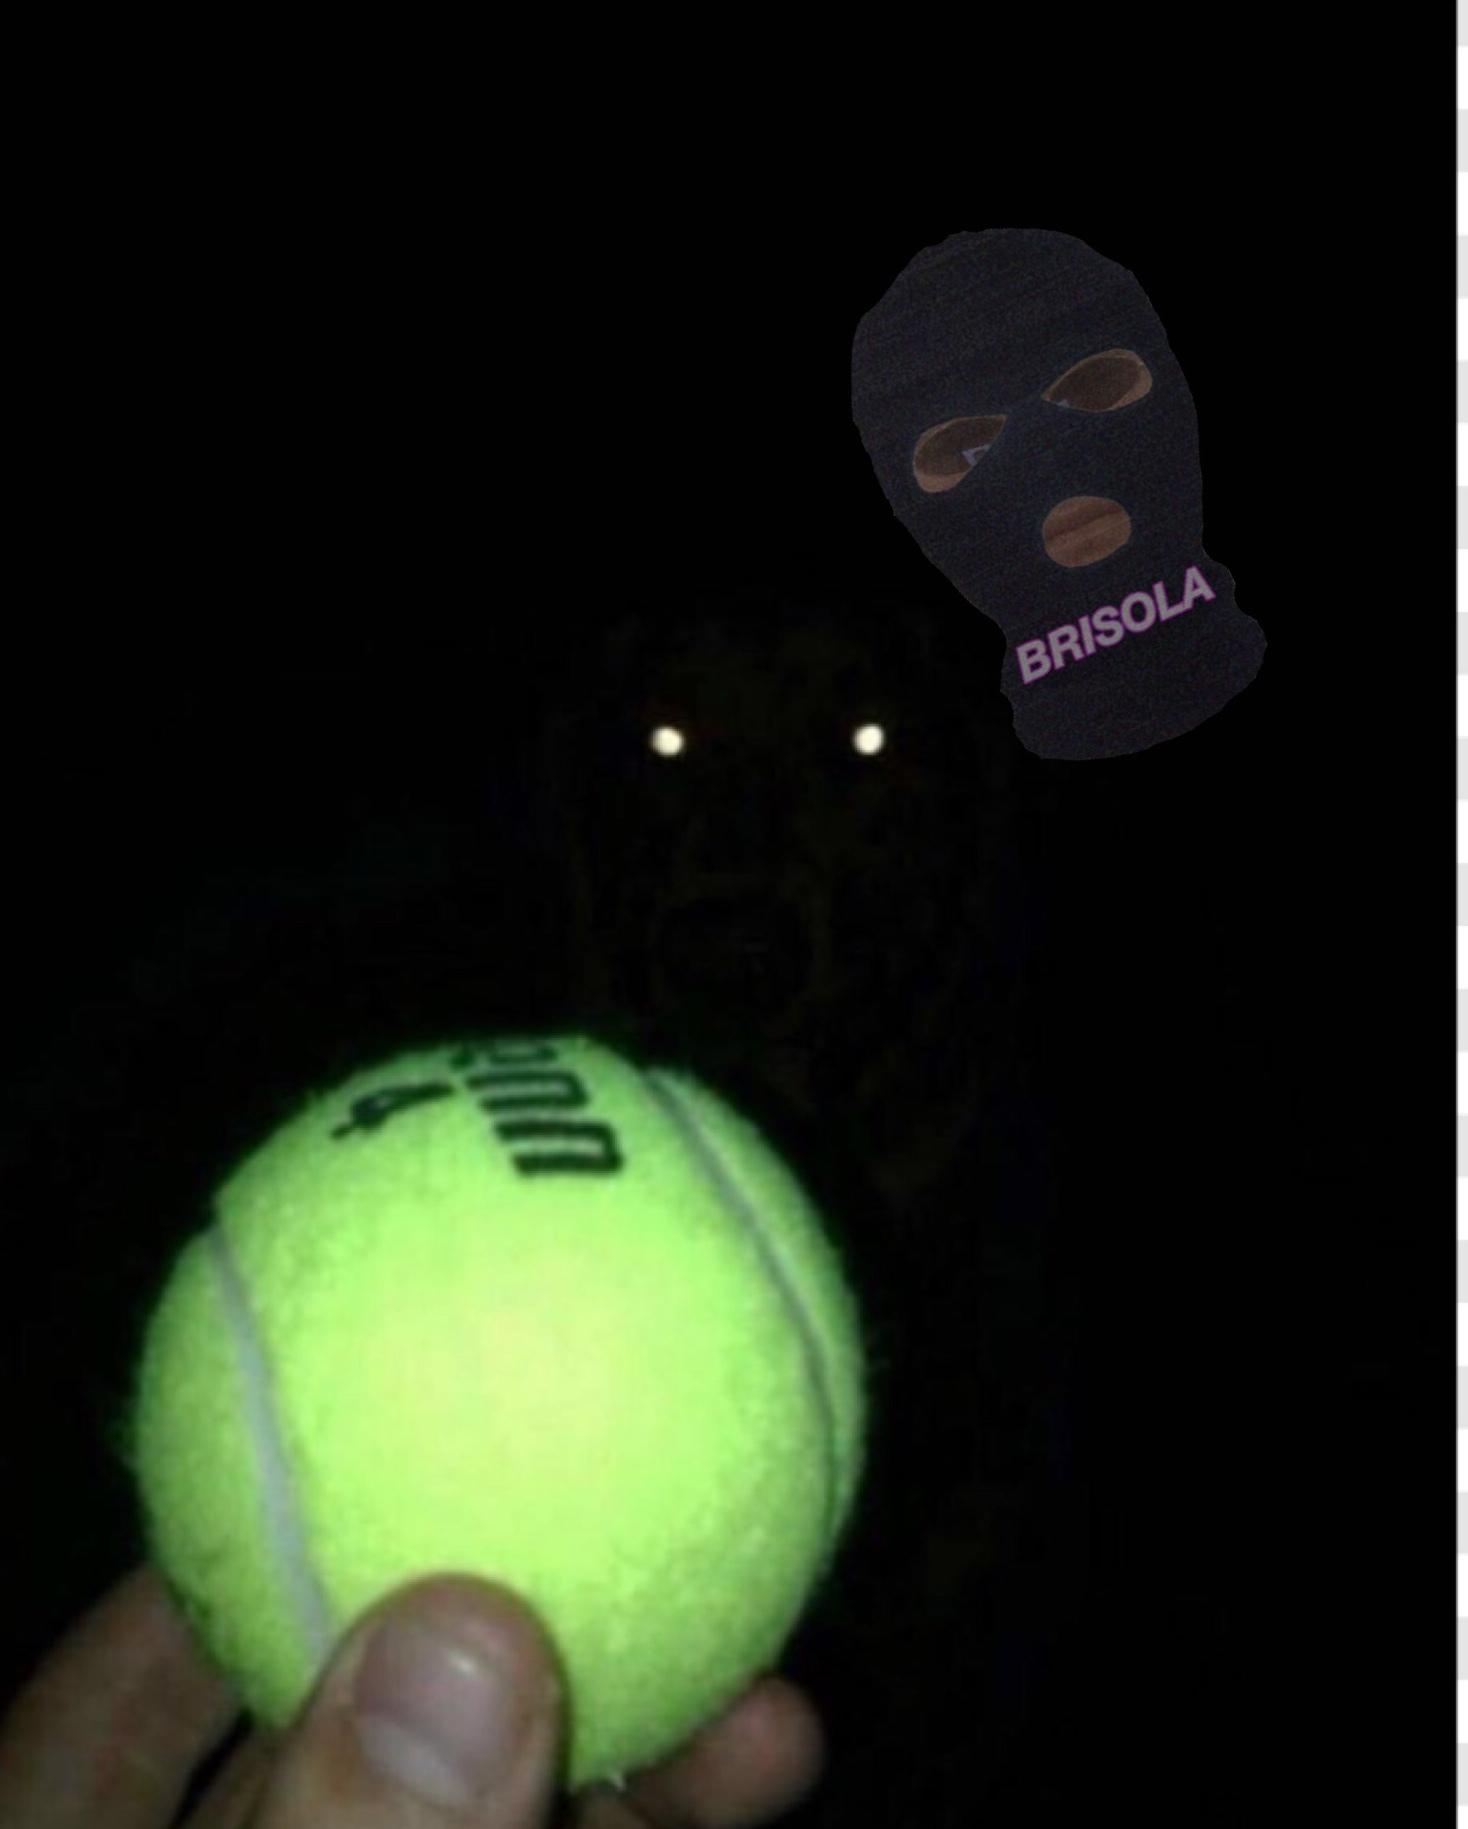 vem ca pega a bola vem - meme